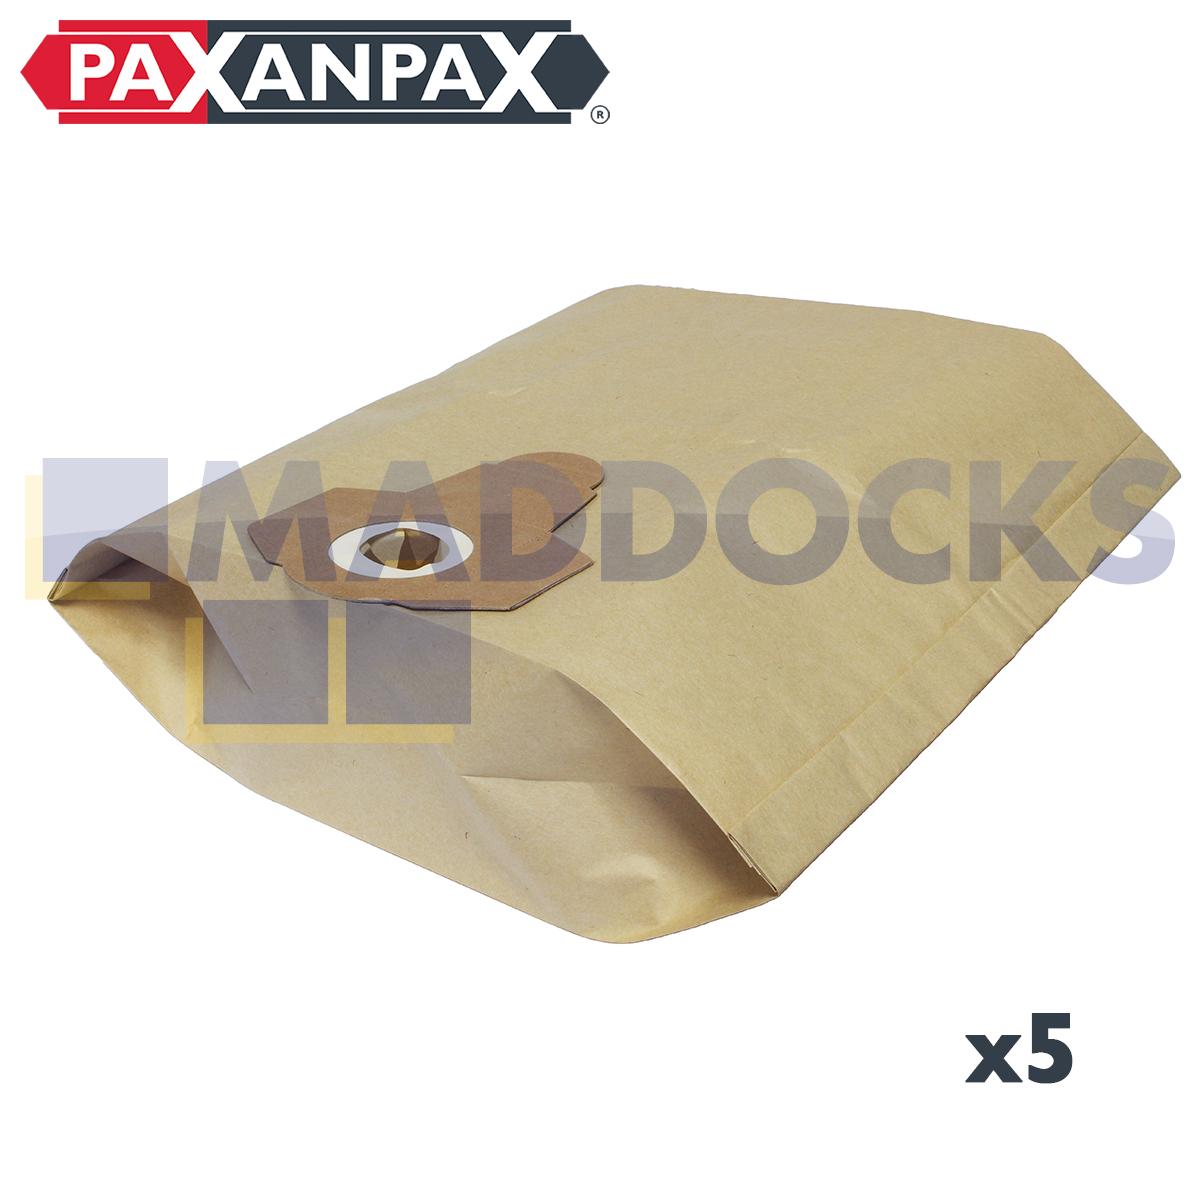 4 PACK Panasonic Compatible Type U-13 Vacuum Bags VB825